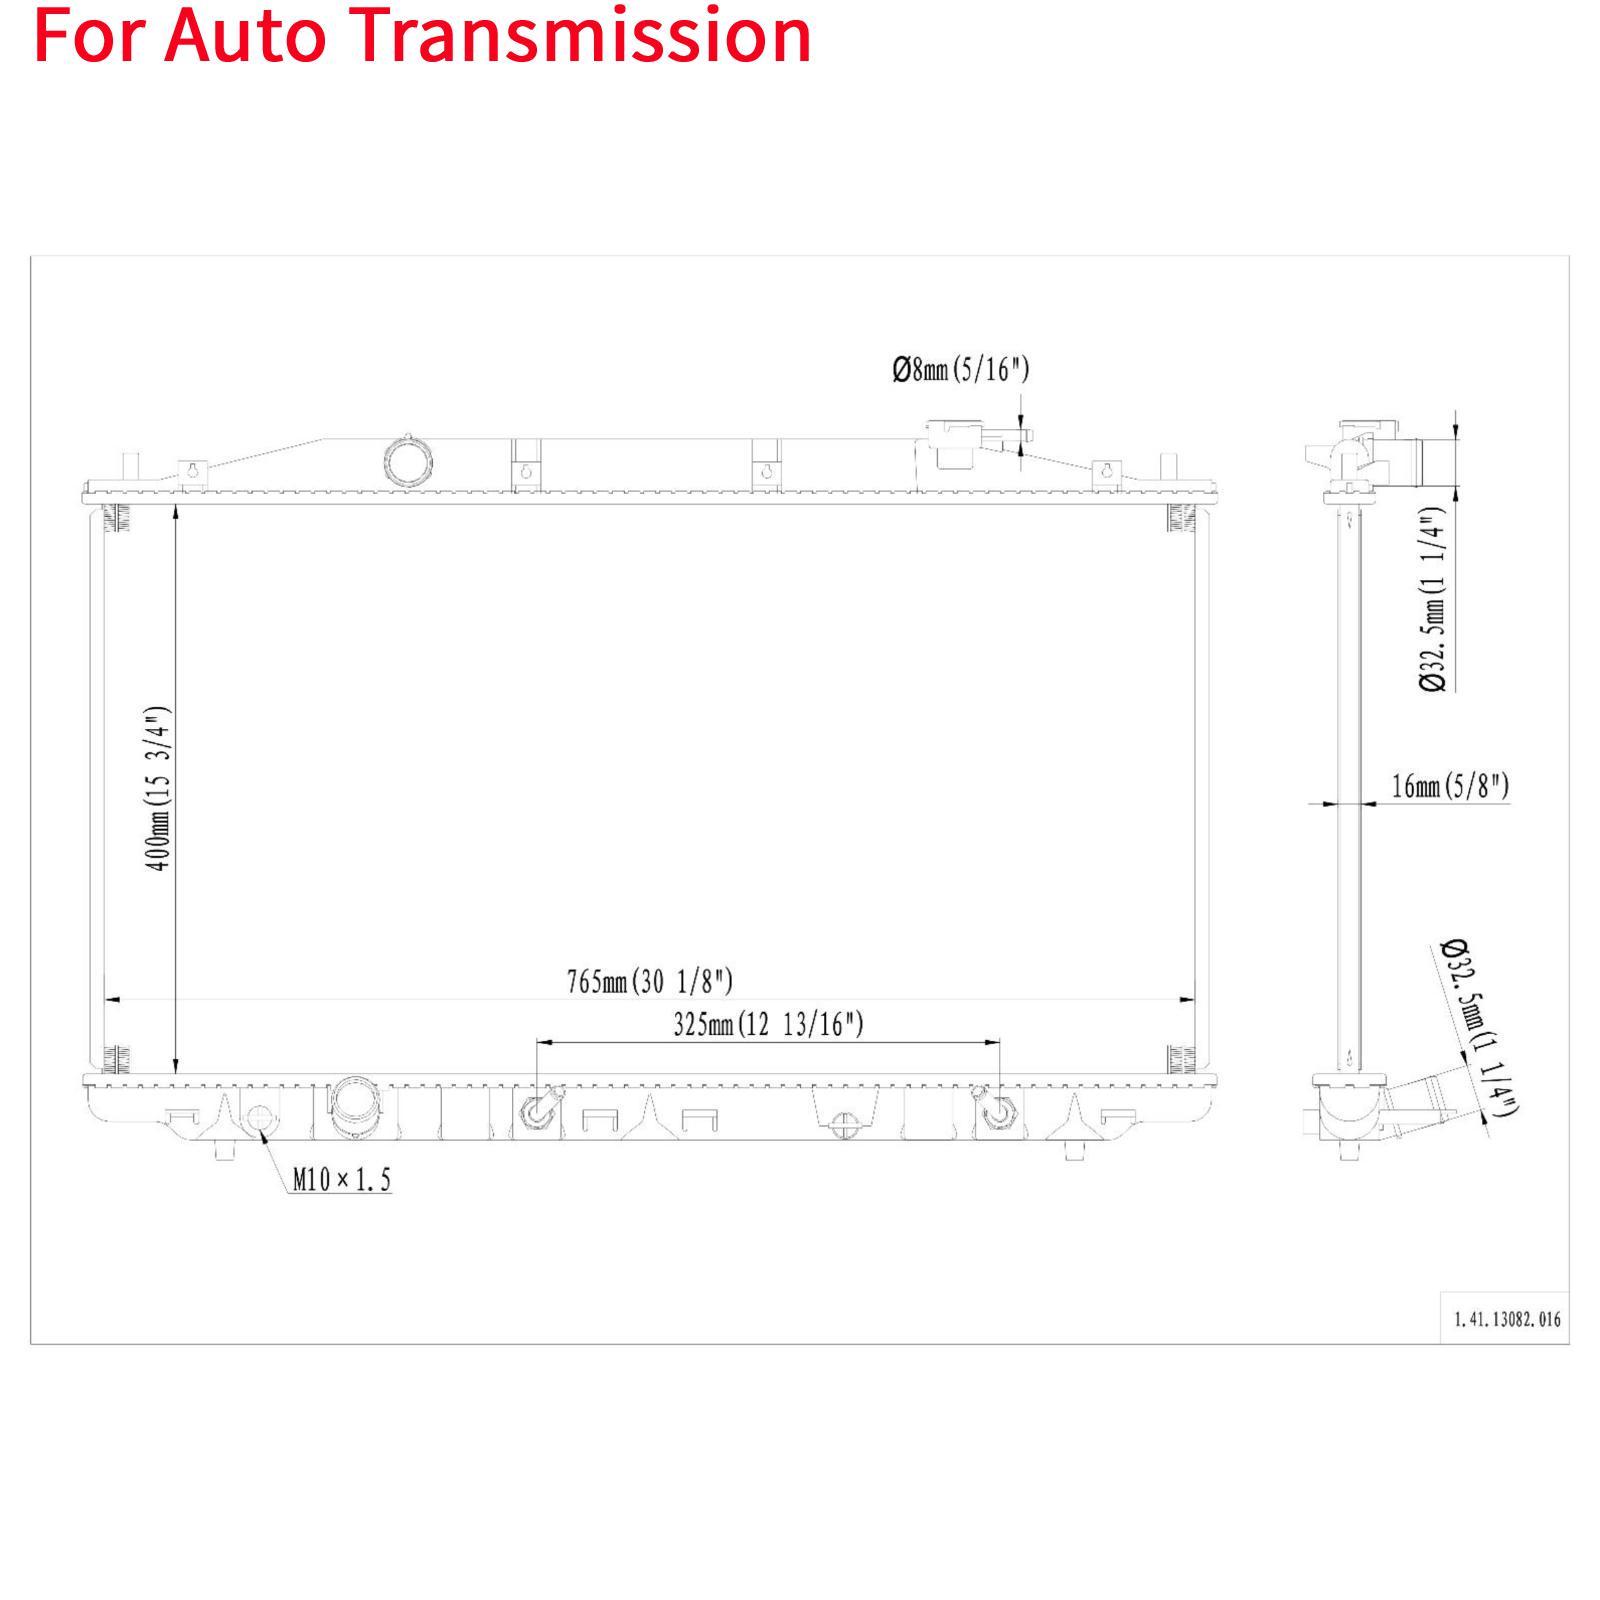 Auto Aluminum/Plastic Radiator For 2009-14 Acura TSX 2.4L